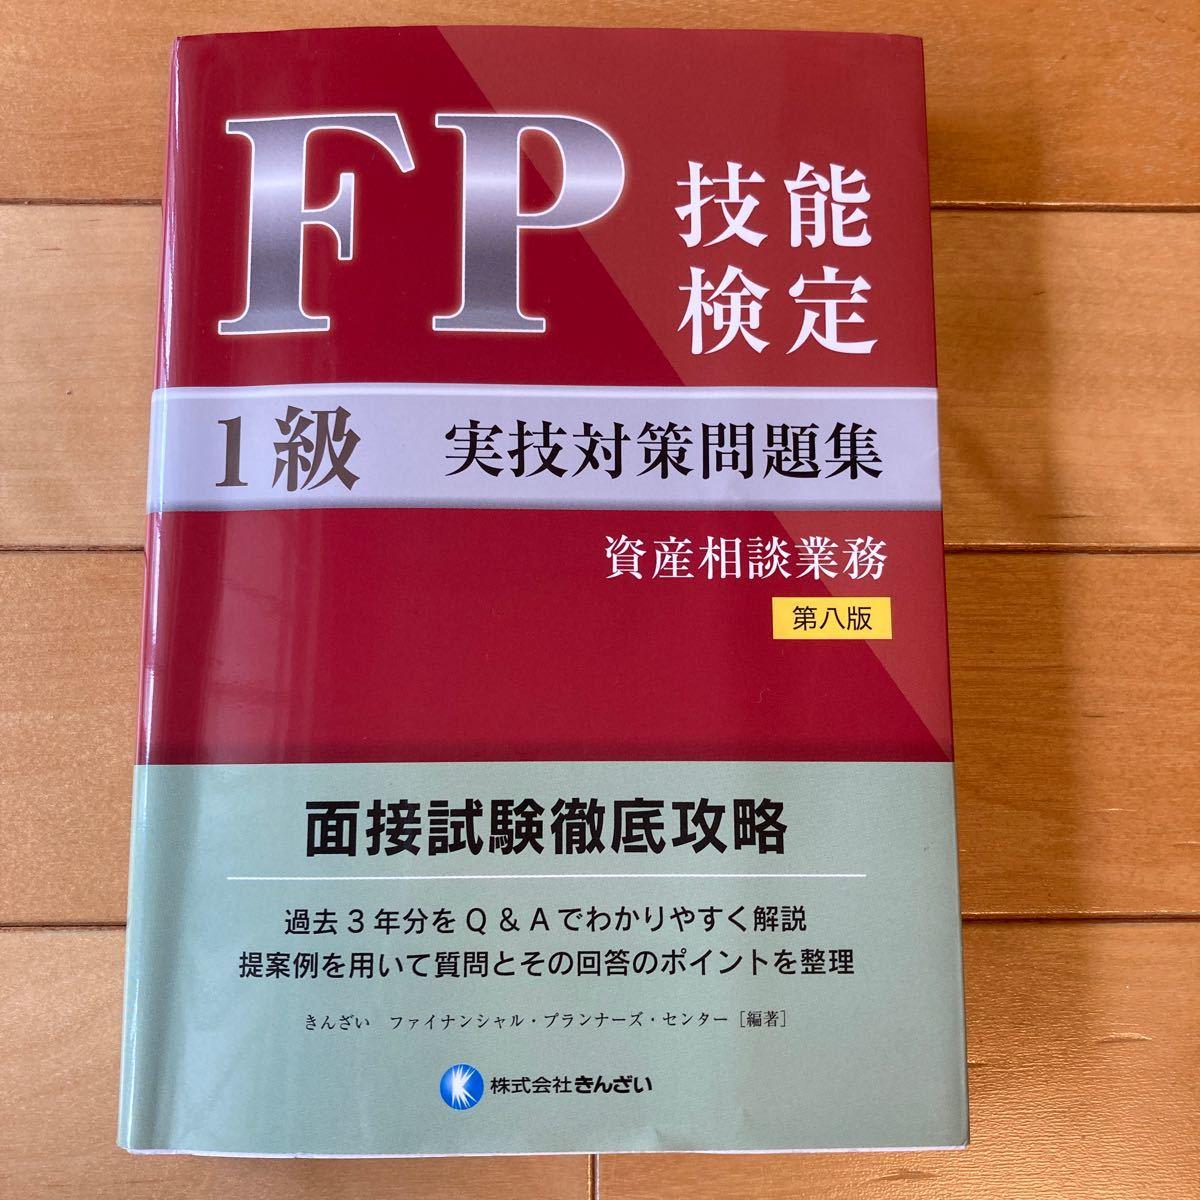 問題集 FP技能検定 1級 過去問題集